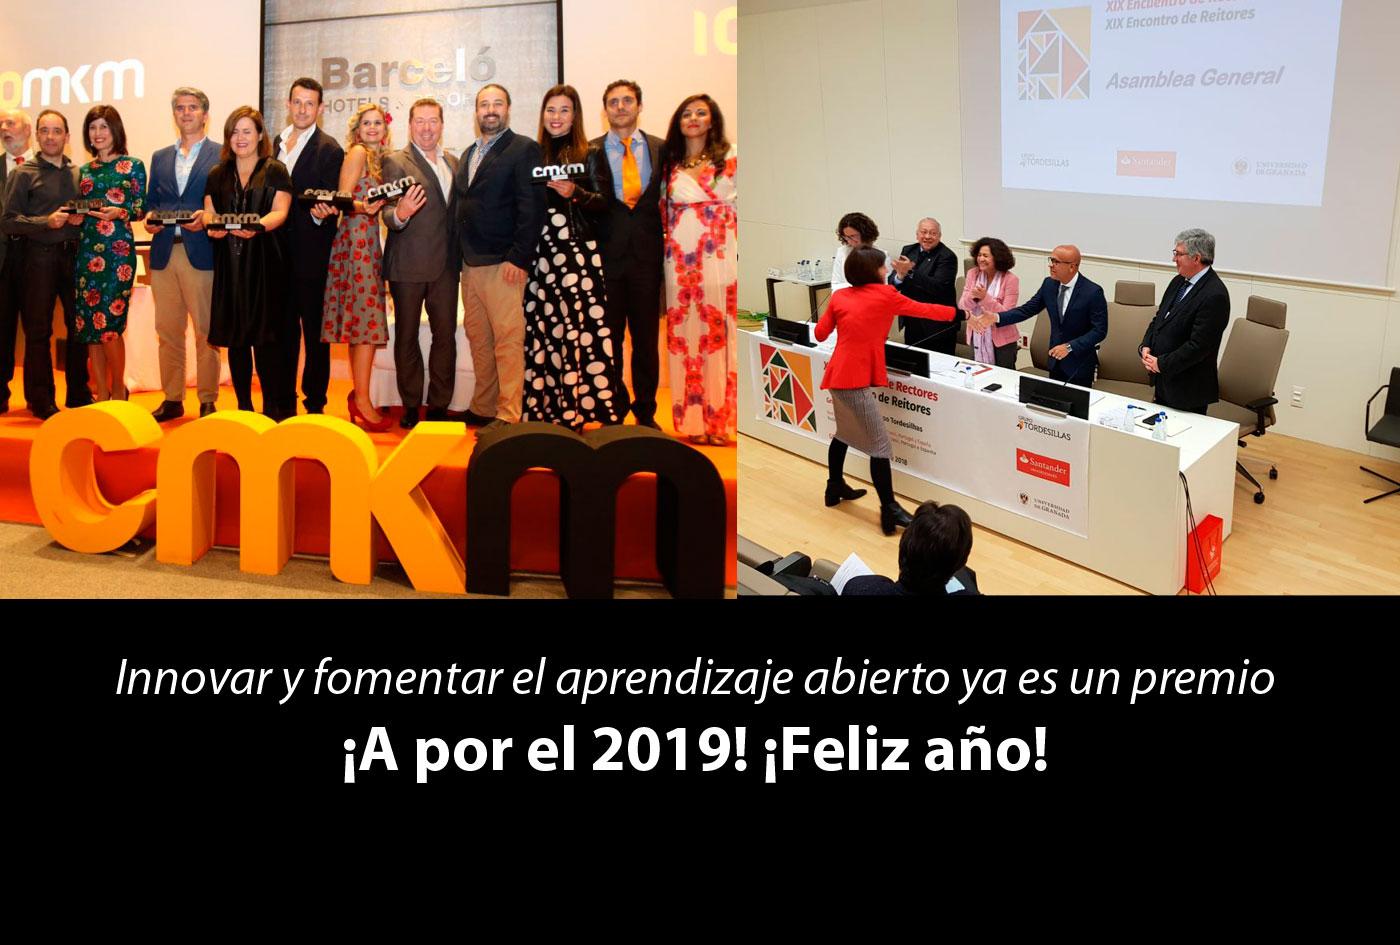 Trabajar en aprendizaje abierto y aprender trabajando, ya es un premio, seguimos… ¡feliz 2019!